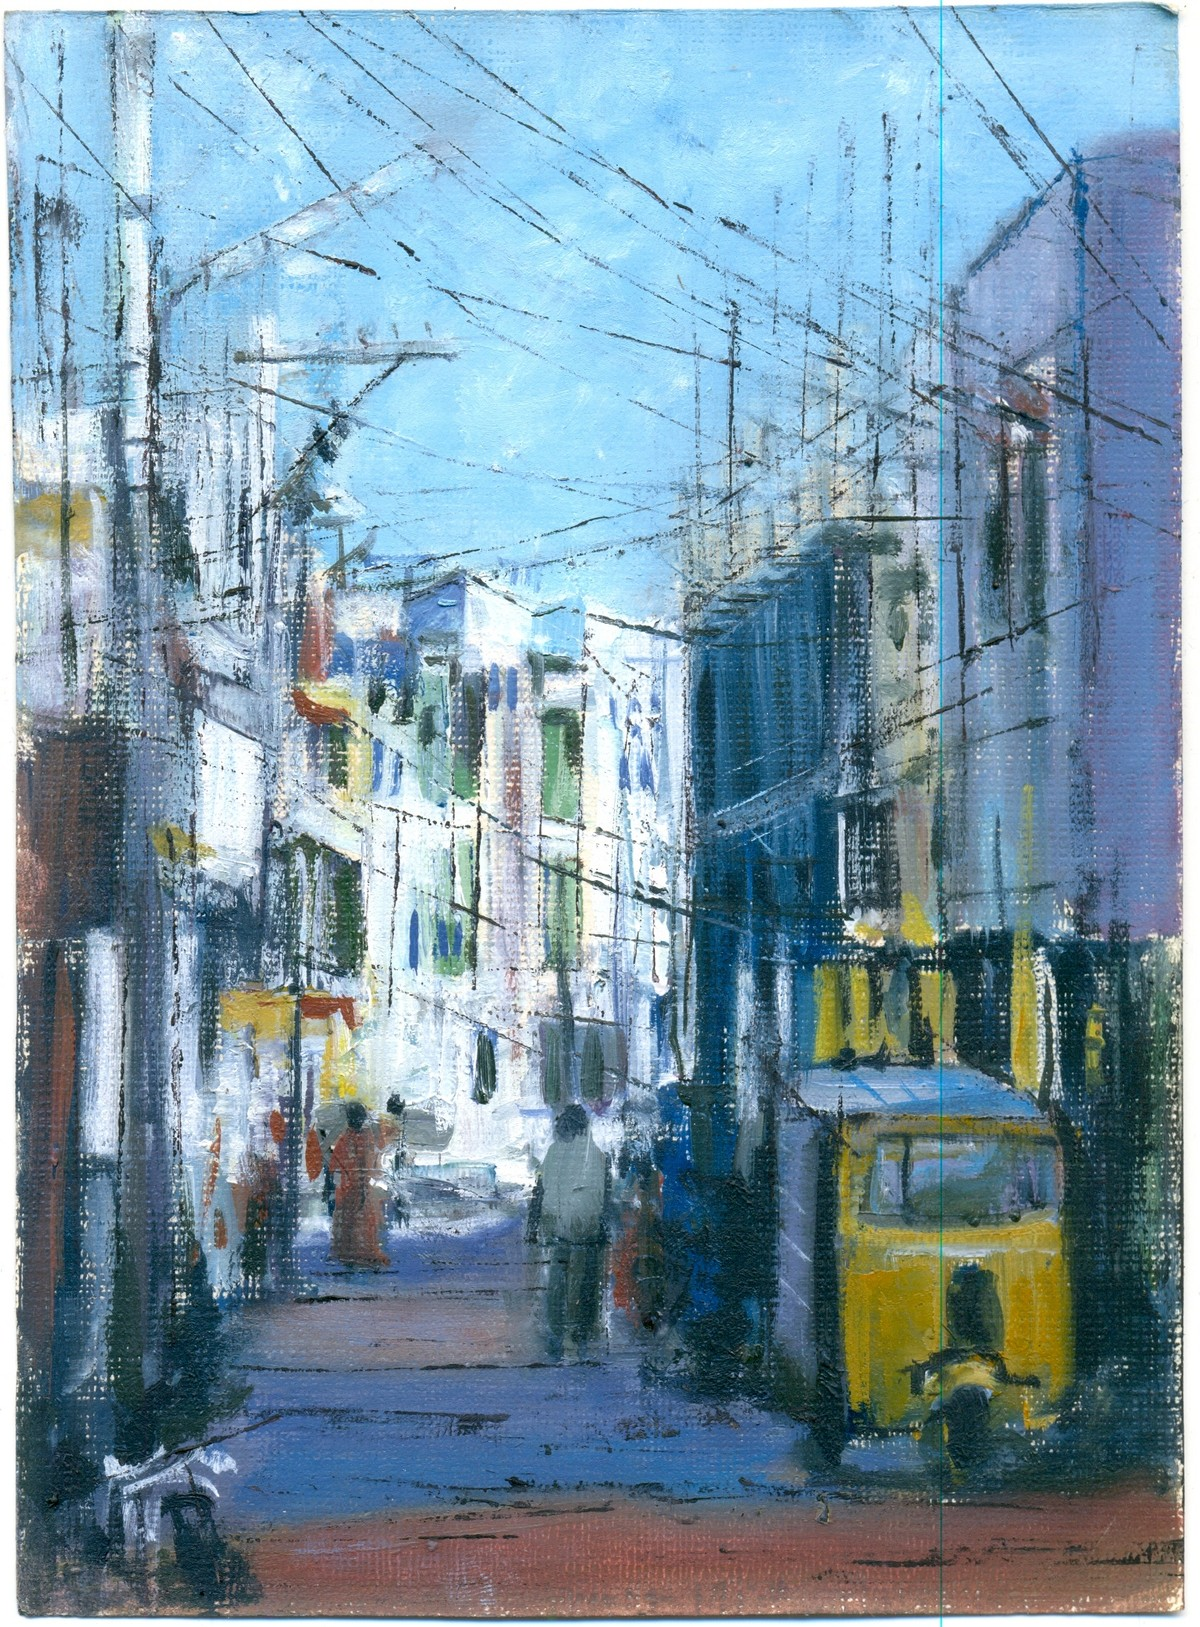 Bhavani Nagar by Kiran Kumari B, Impressionism Painting, Oil on Paper, Cyan color